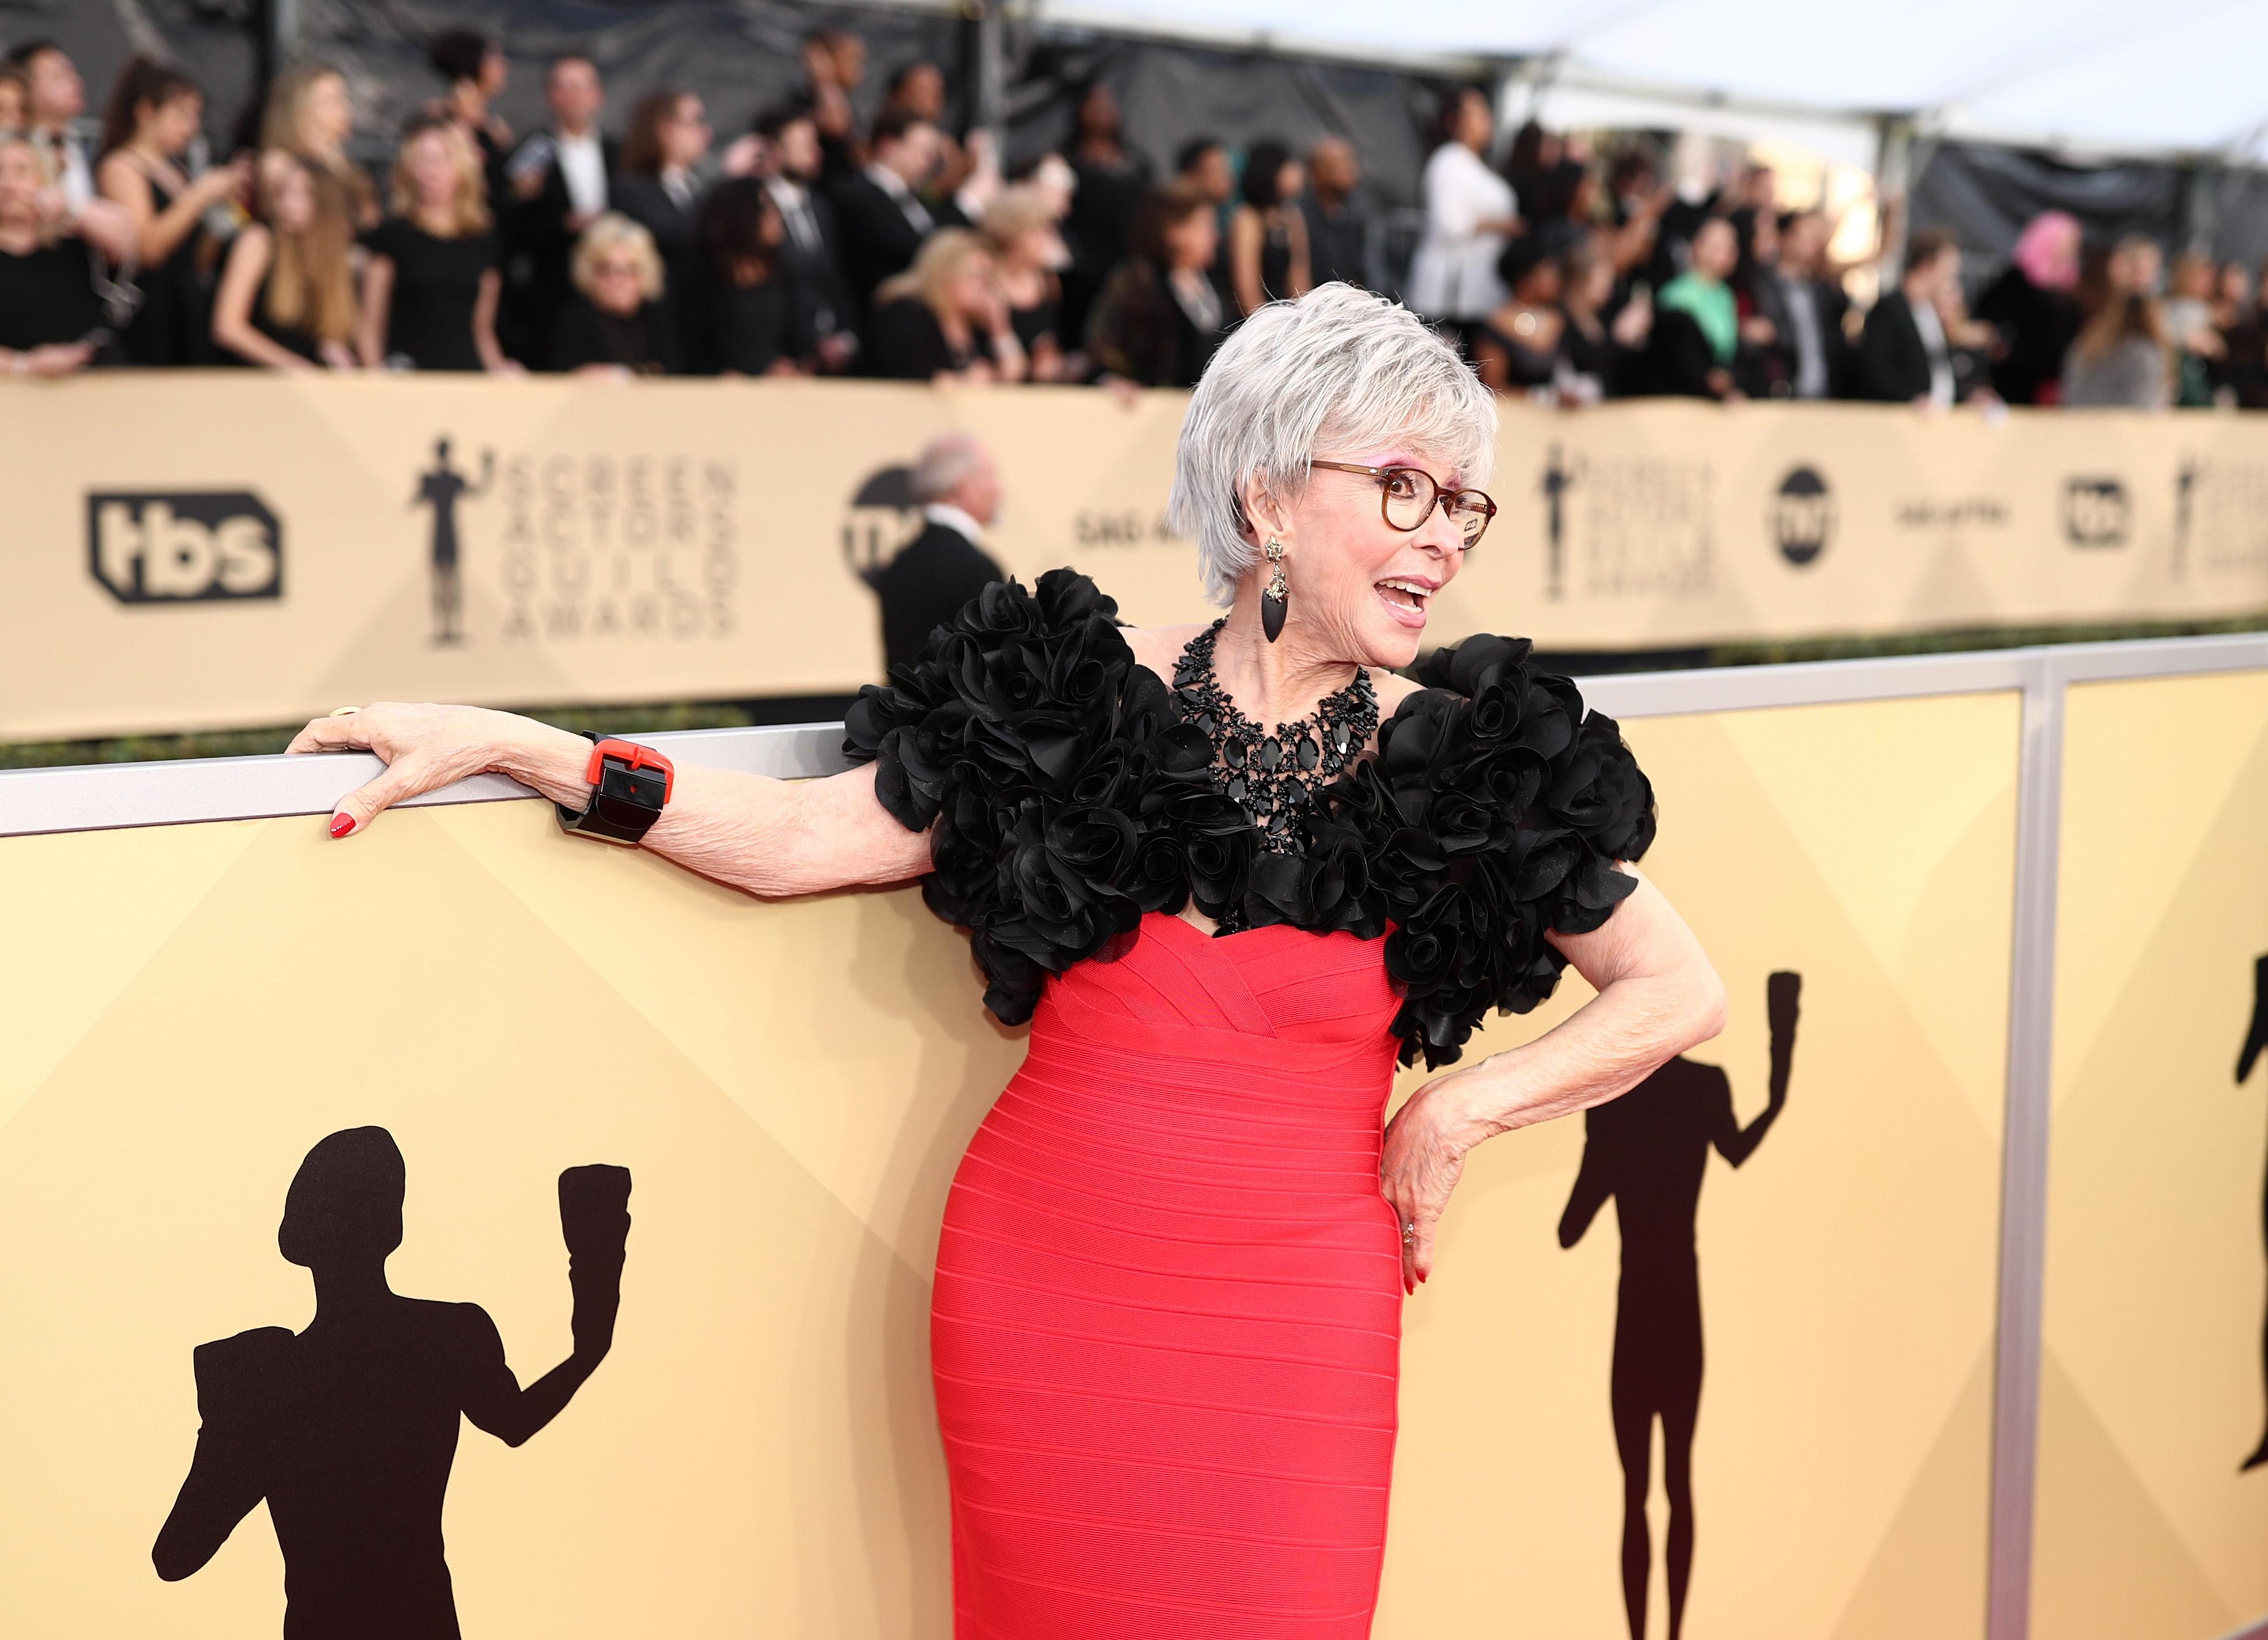 """Актрисата, певица и танцьорка Рита Морено ще бъде удостоена с награда """"Пийбоди"""" за цялостна кариера. Осемдесет и седем годишната Морено, чиято звезда изгрява с филма """"Уестсайдска история"""" (1961), ще бъде почетена с отличието на 18 май, когато на тържествена гала в Ню Йорк ще бъдат раздадени наградите """"Пийбоди""""."""